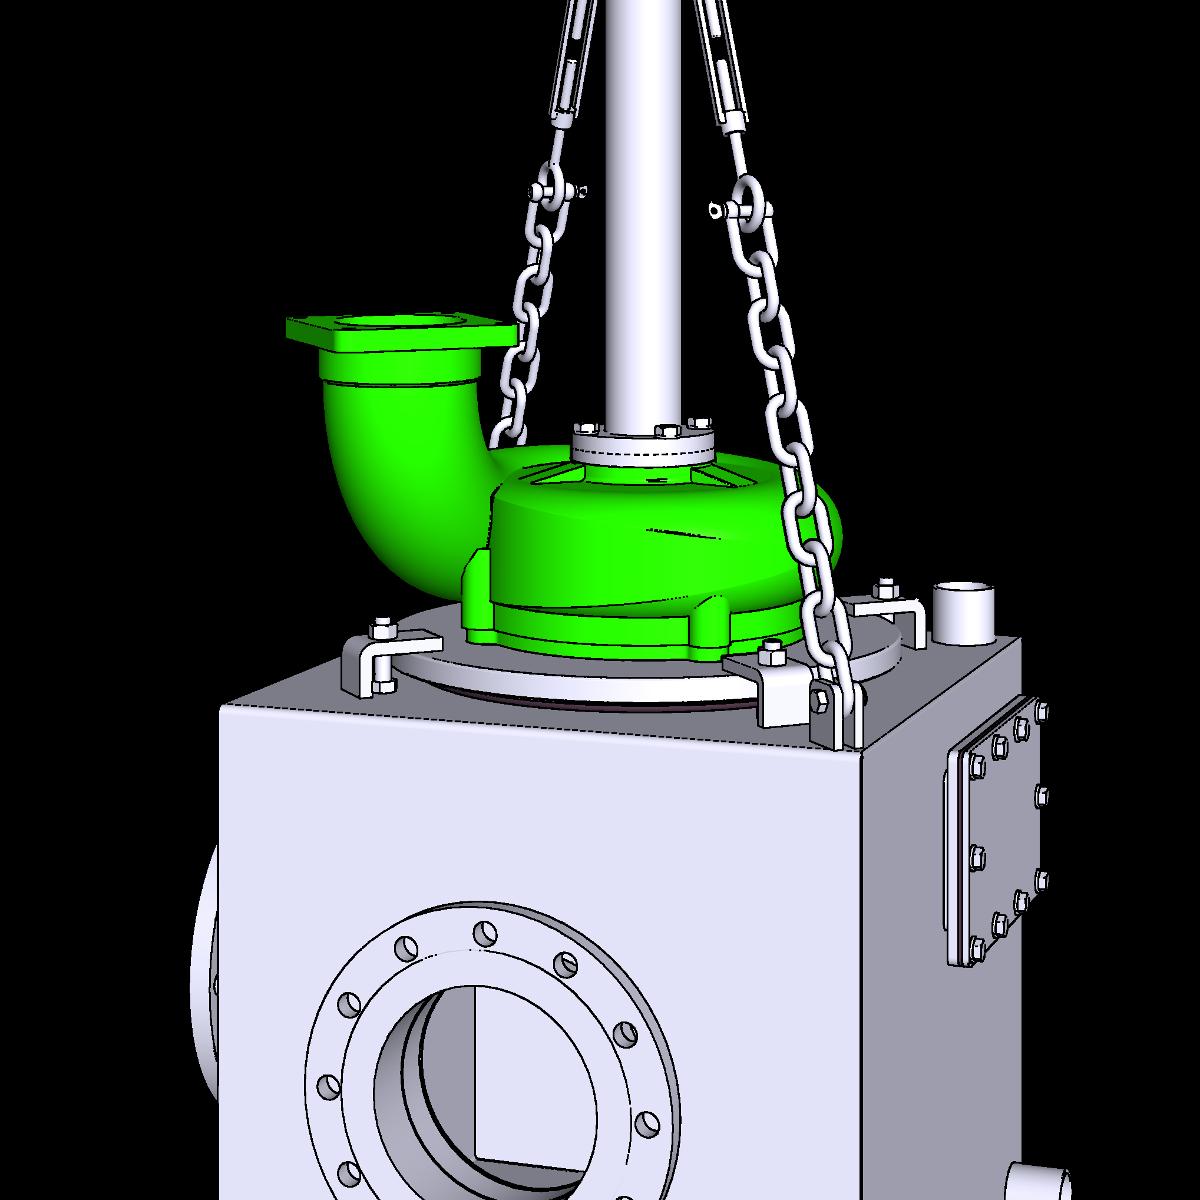 Bild Aufsatzpumpe ER3-E AR trocken aufgestellt